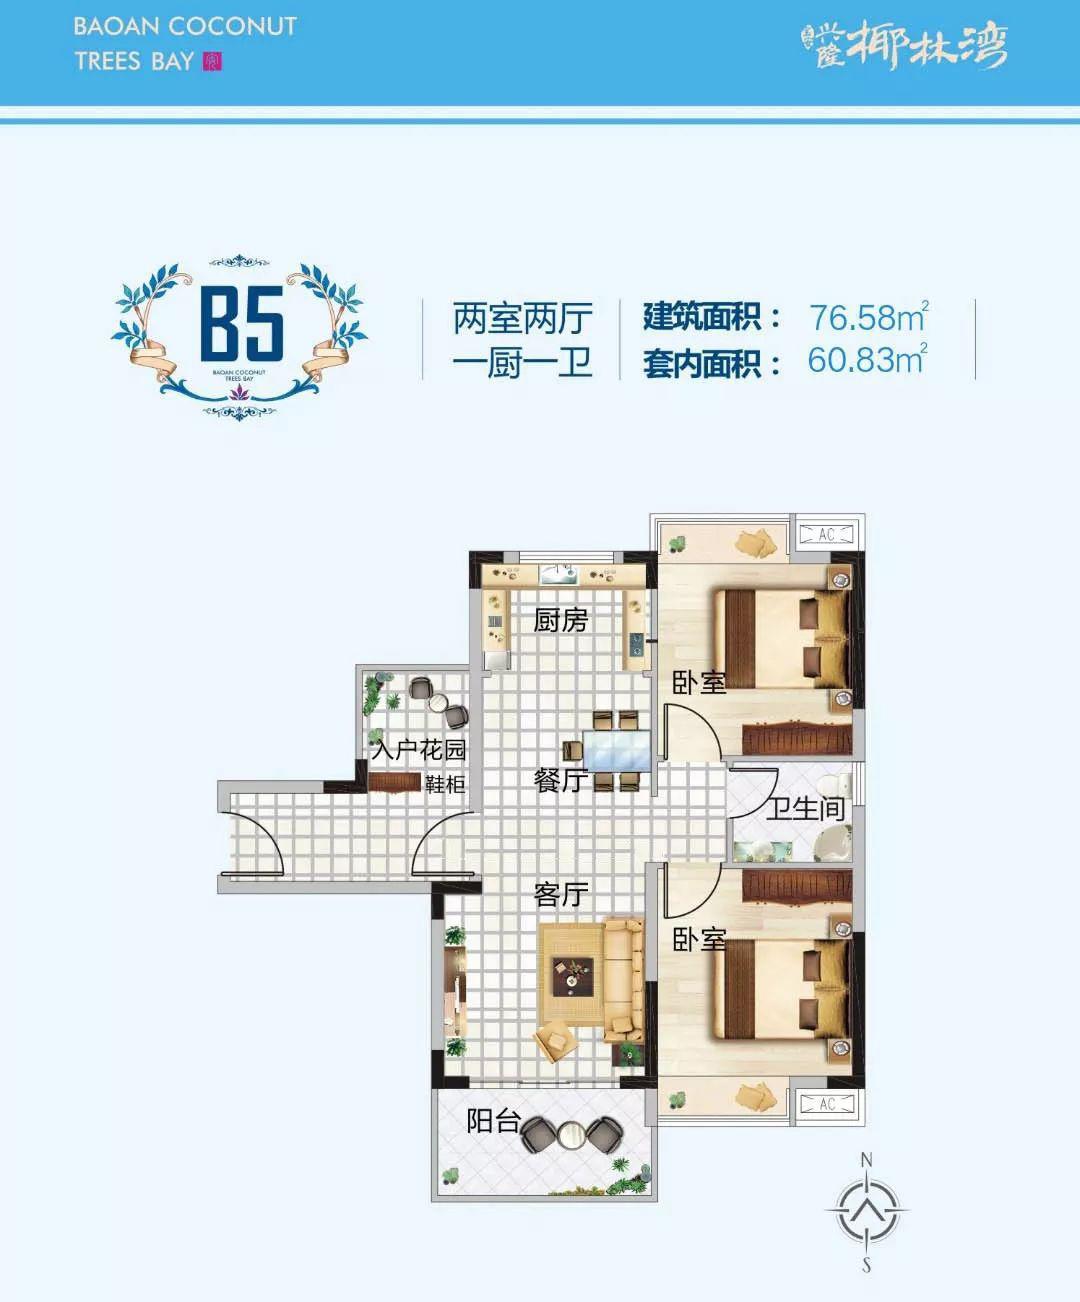 宝安椰林湾2房2厅1厨1卫 (建筑面积:77.00㎡)